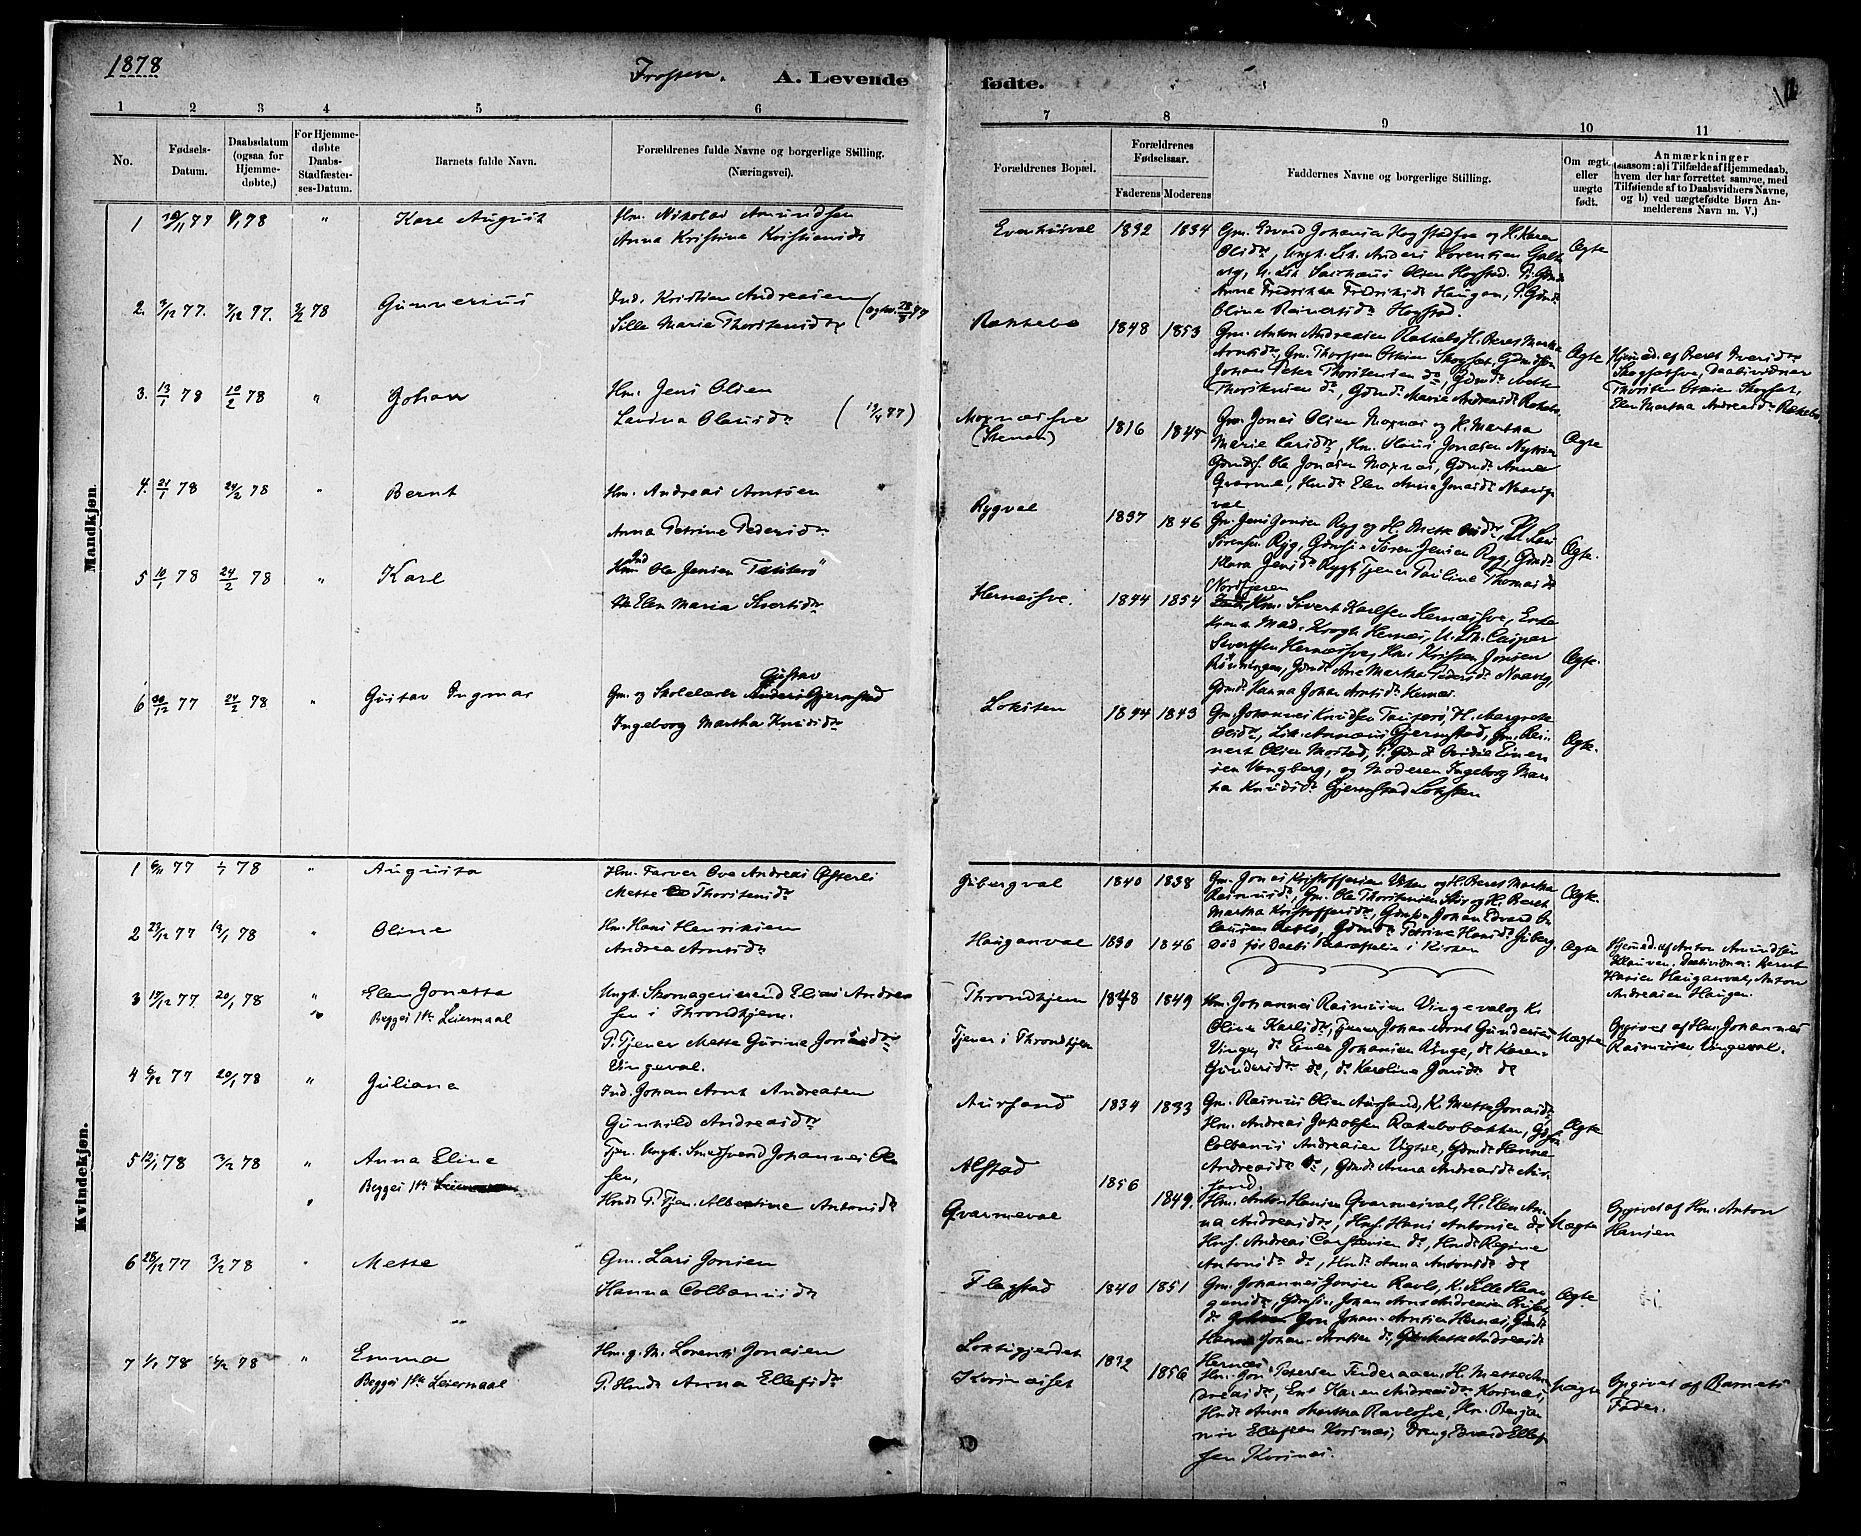 SAT, Ministerialprotokoller, klokkerbøker og fødselsregistre - Nord-Trøndelag, 713/L0120: Ministerialbok nr. 713A09, 1878-1887, s. 1